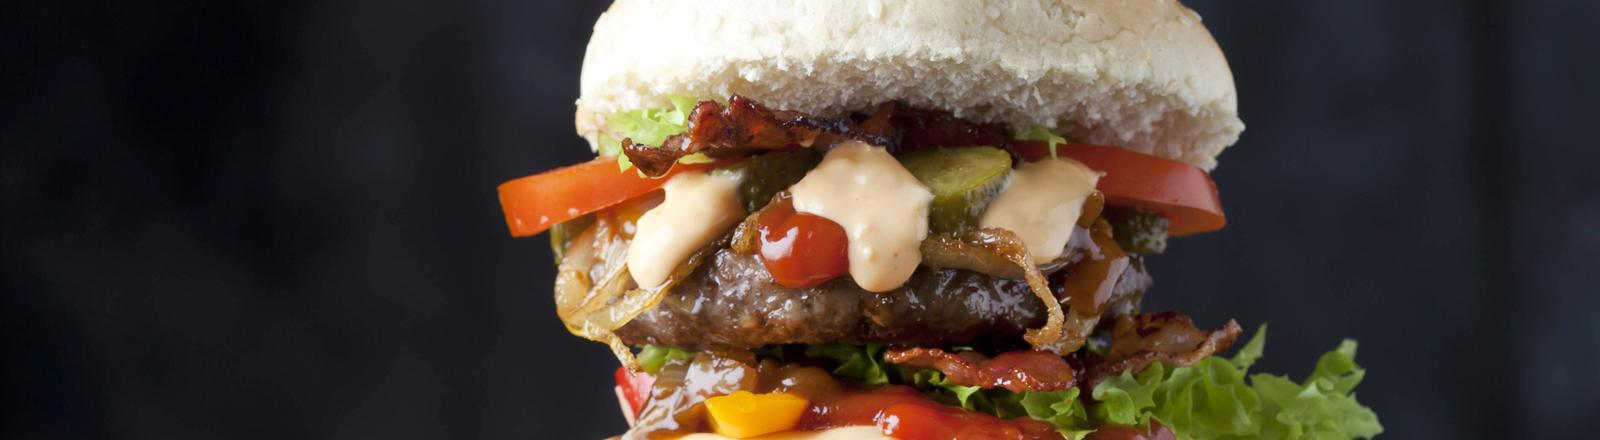 Ein riesiger Burger